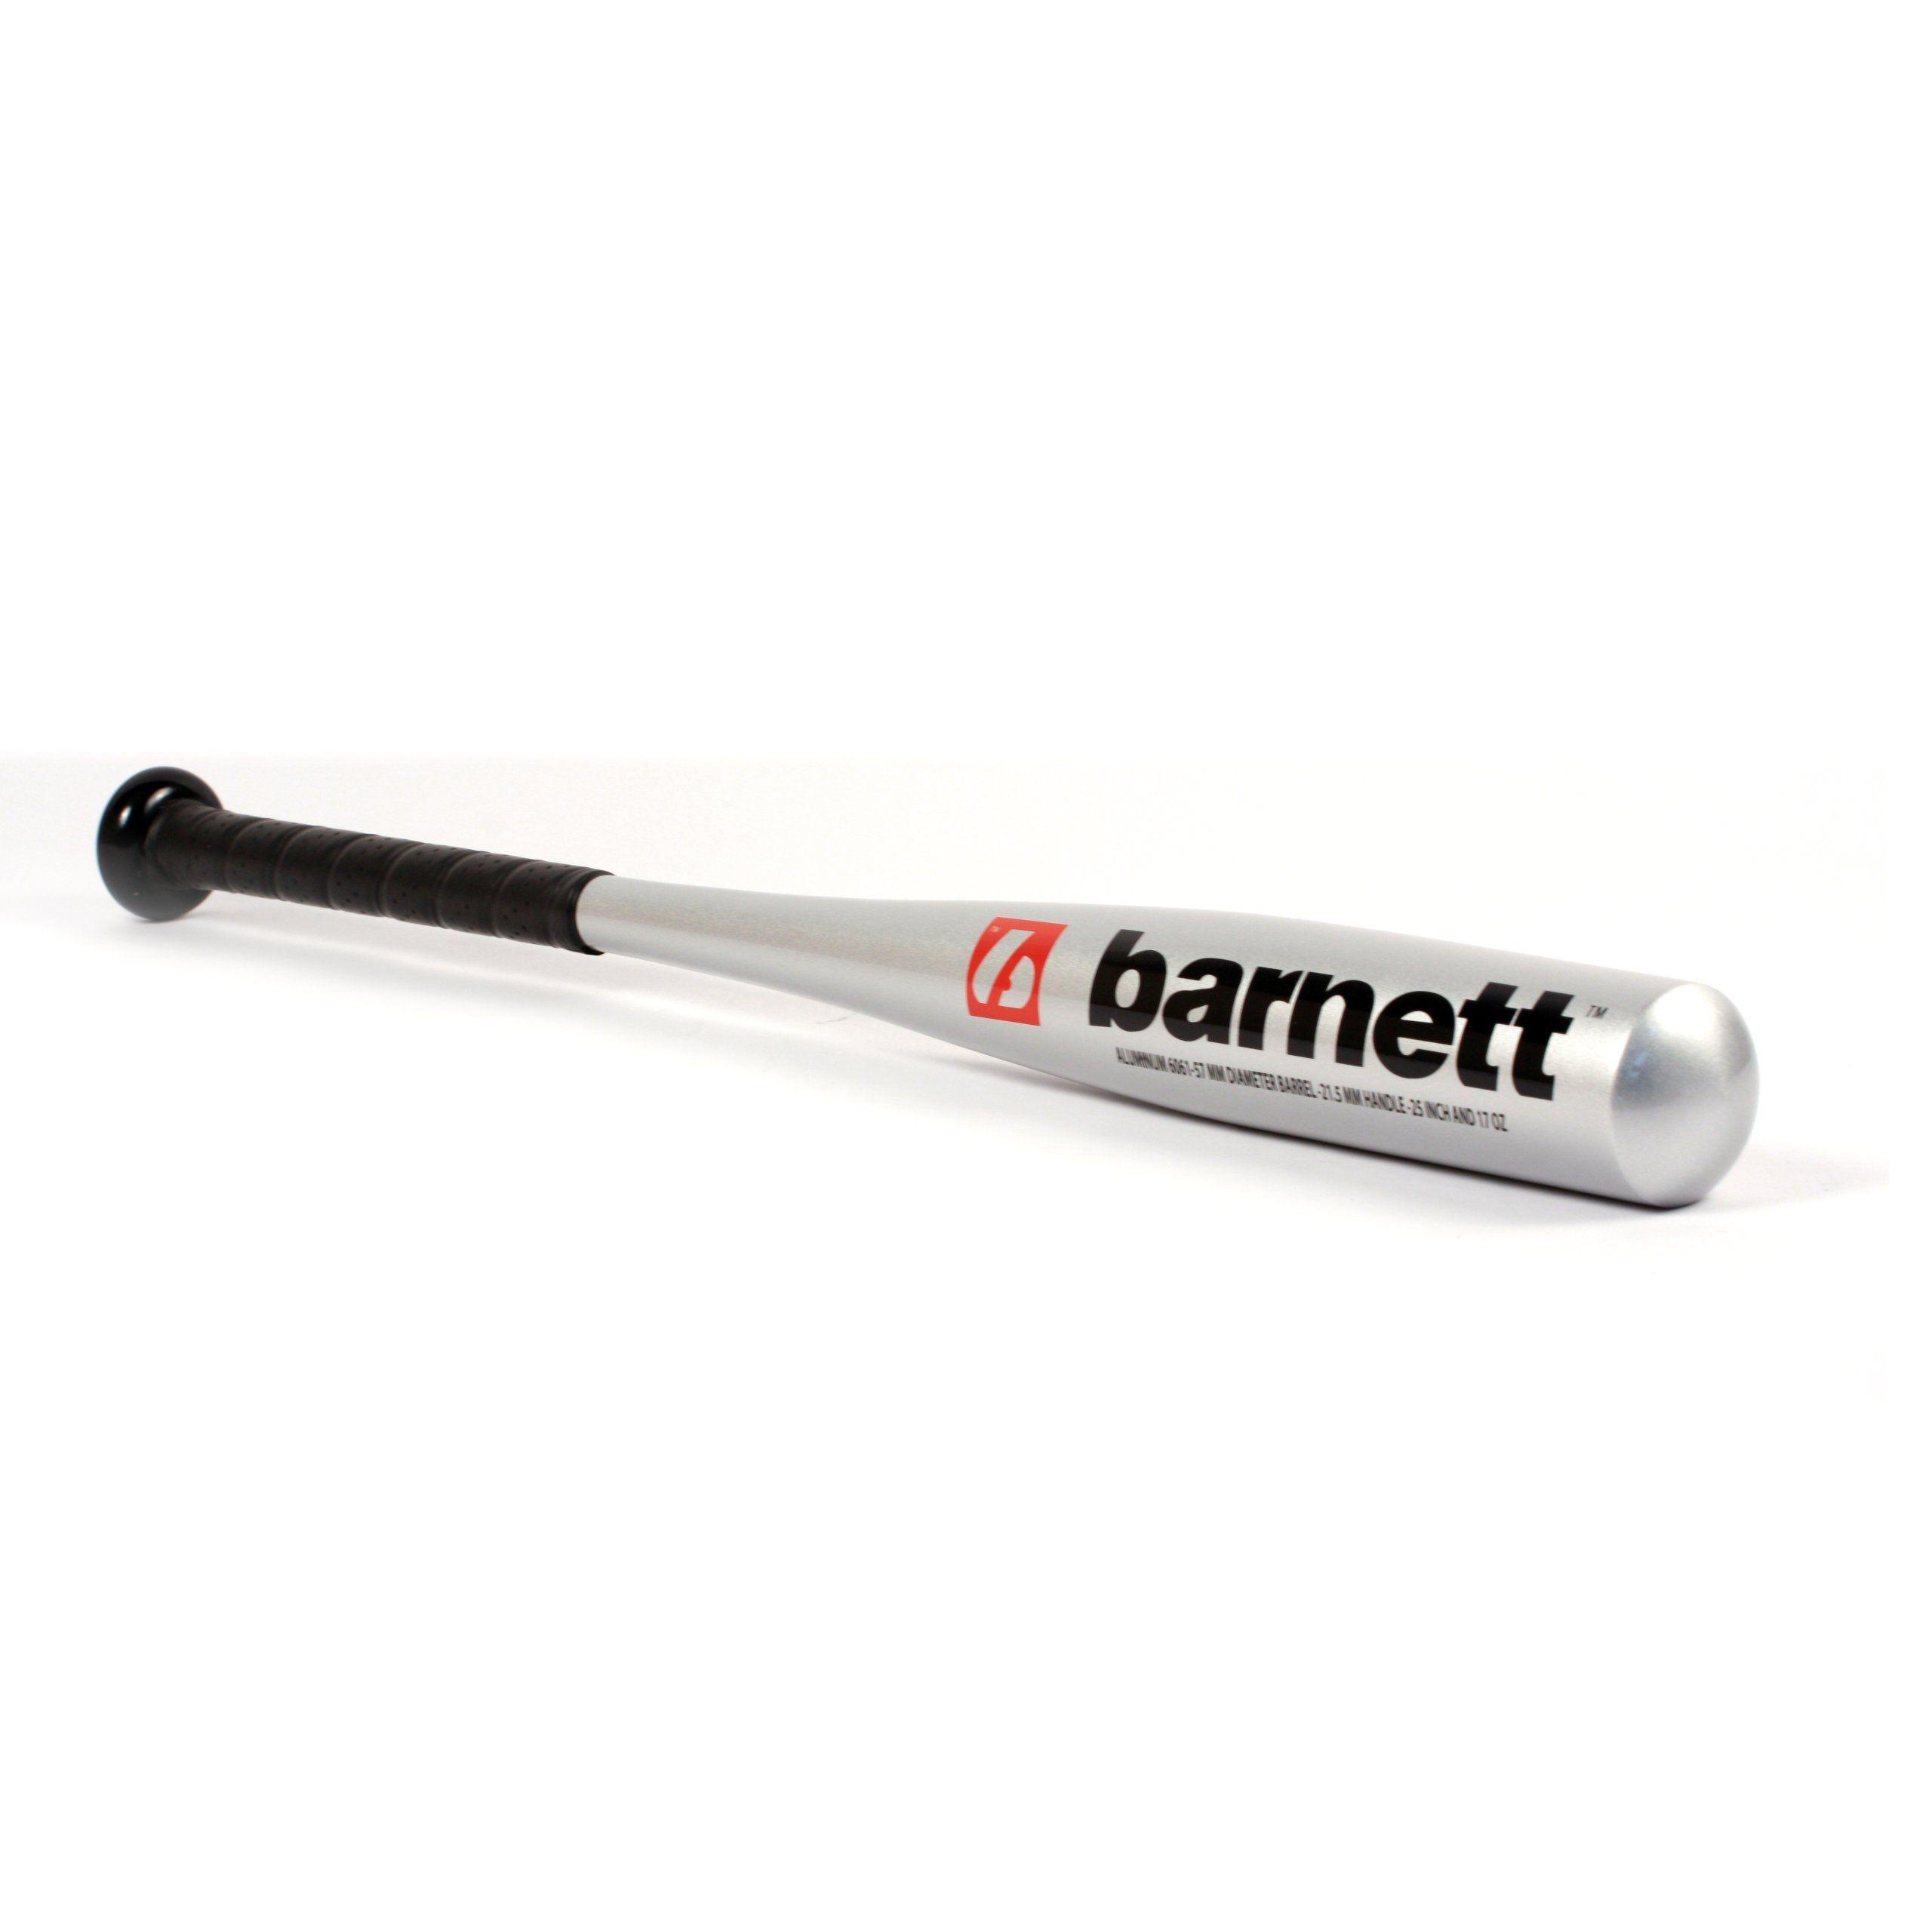 Barnett T Ball Aluminium Baseball Bat Size 25 63 5 Cm Silver Metal Aluminium 6061 Very Resistant Good Hand Aluminum Baseball Bat Baseball Bat Baseball